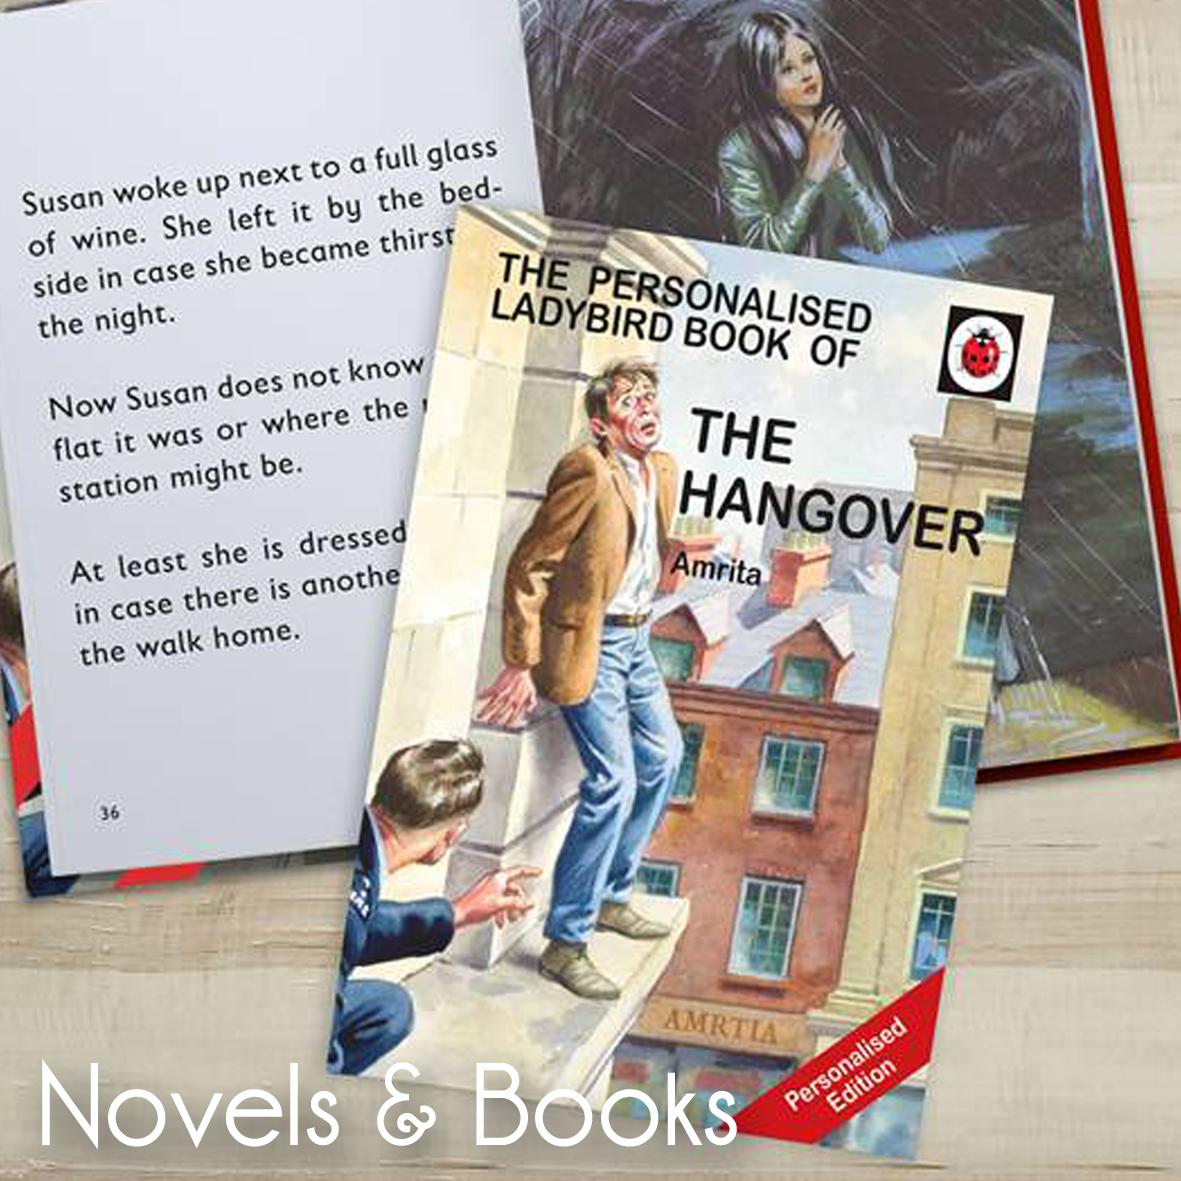 Novels & Books